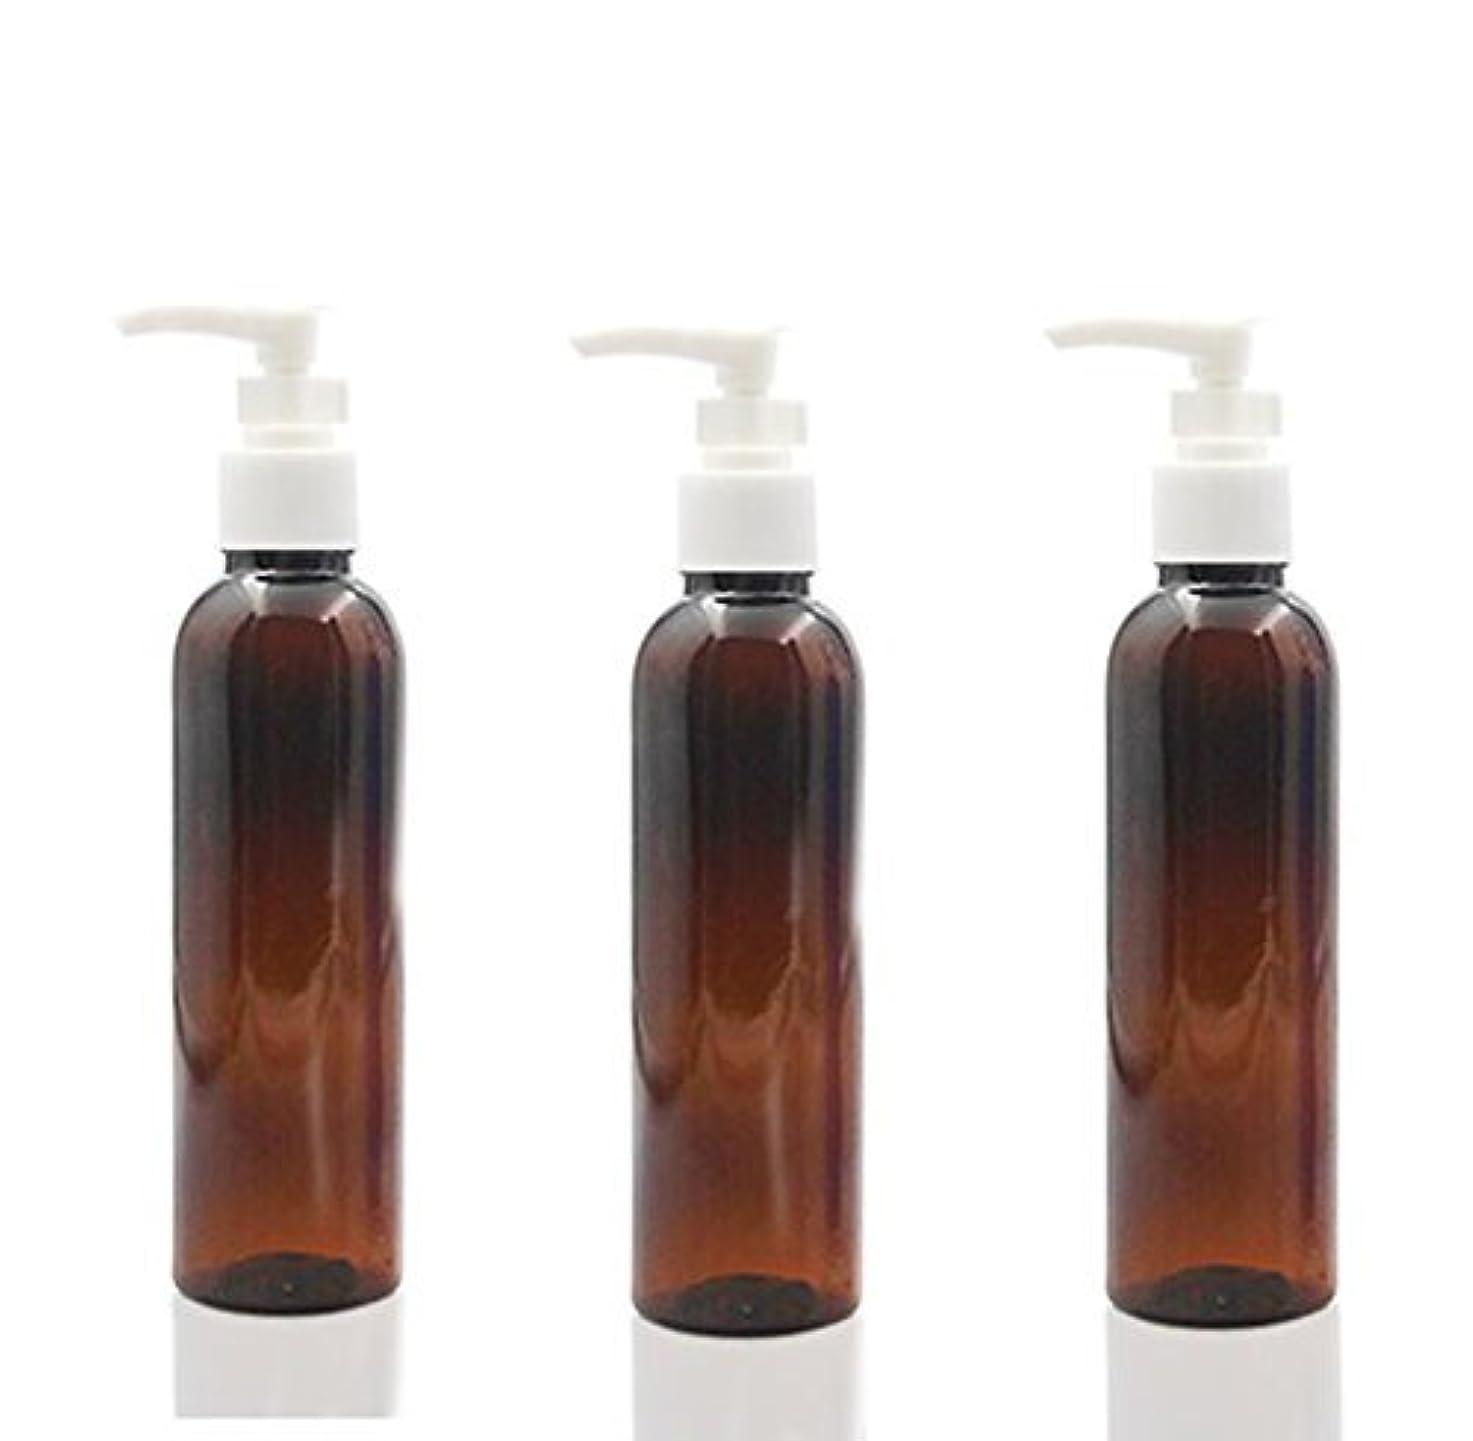 インタラクション元に戻すタイプライター3PCS 150ml Plastic Round Pump Bottles for Cooking Sauces Essential Oils Lotions Liquid Soaps or Organic Beauty...